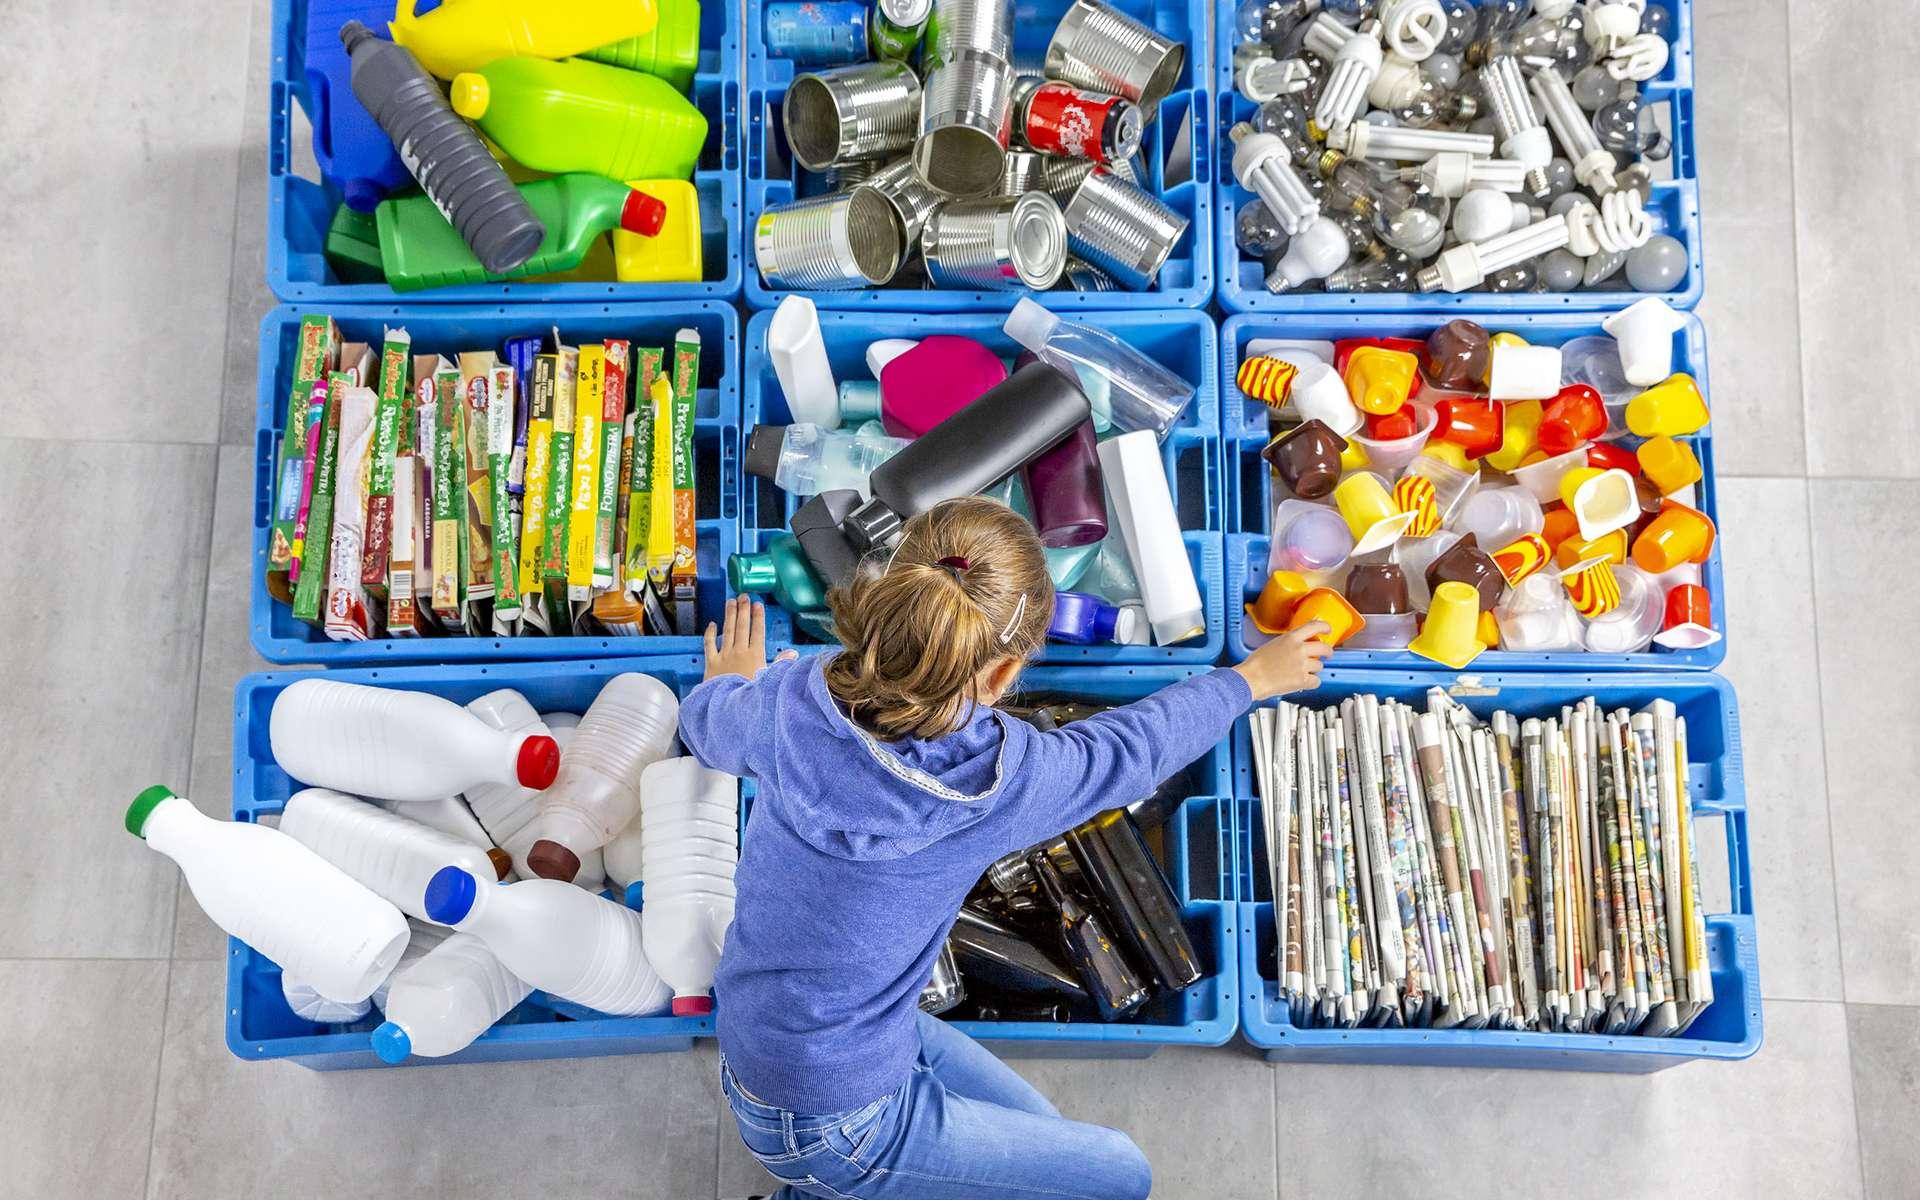 Adopter les écogestes grâce aux sciences comportementales. © Jorgefontestad, Getty Images